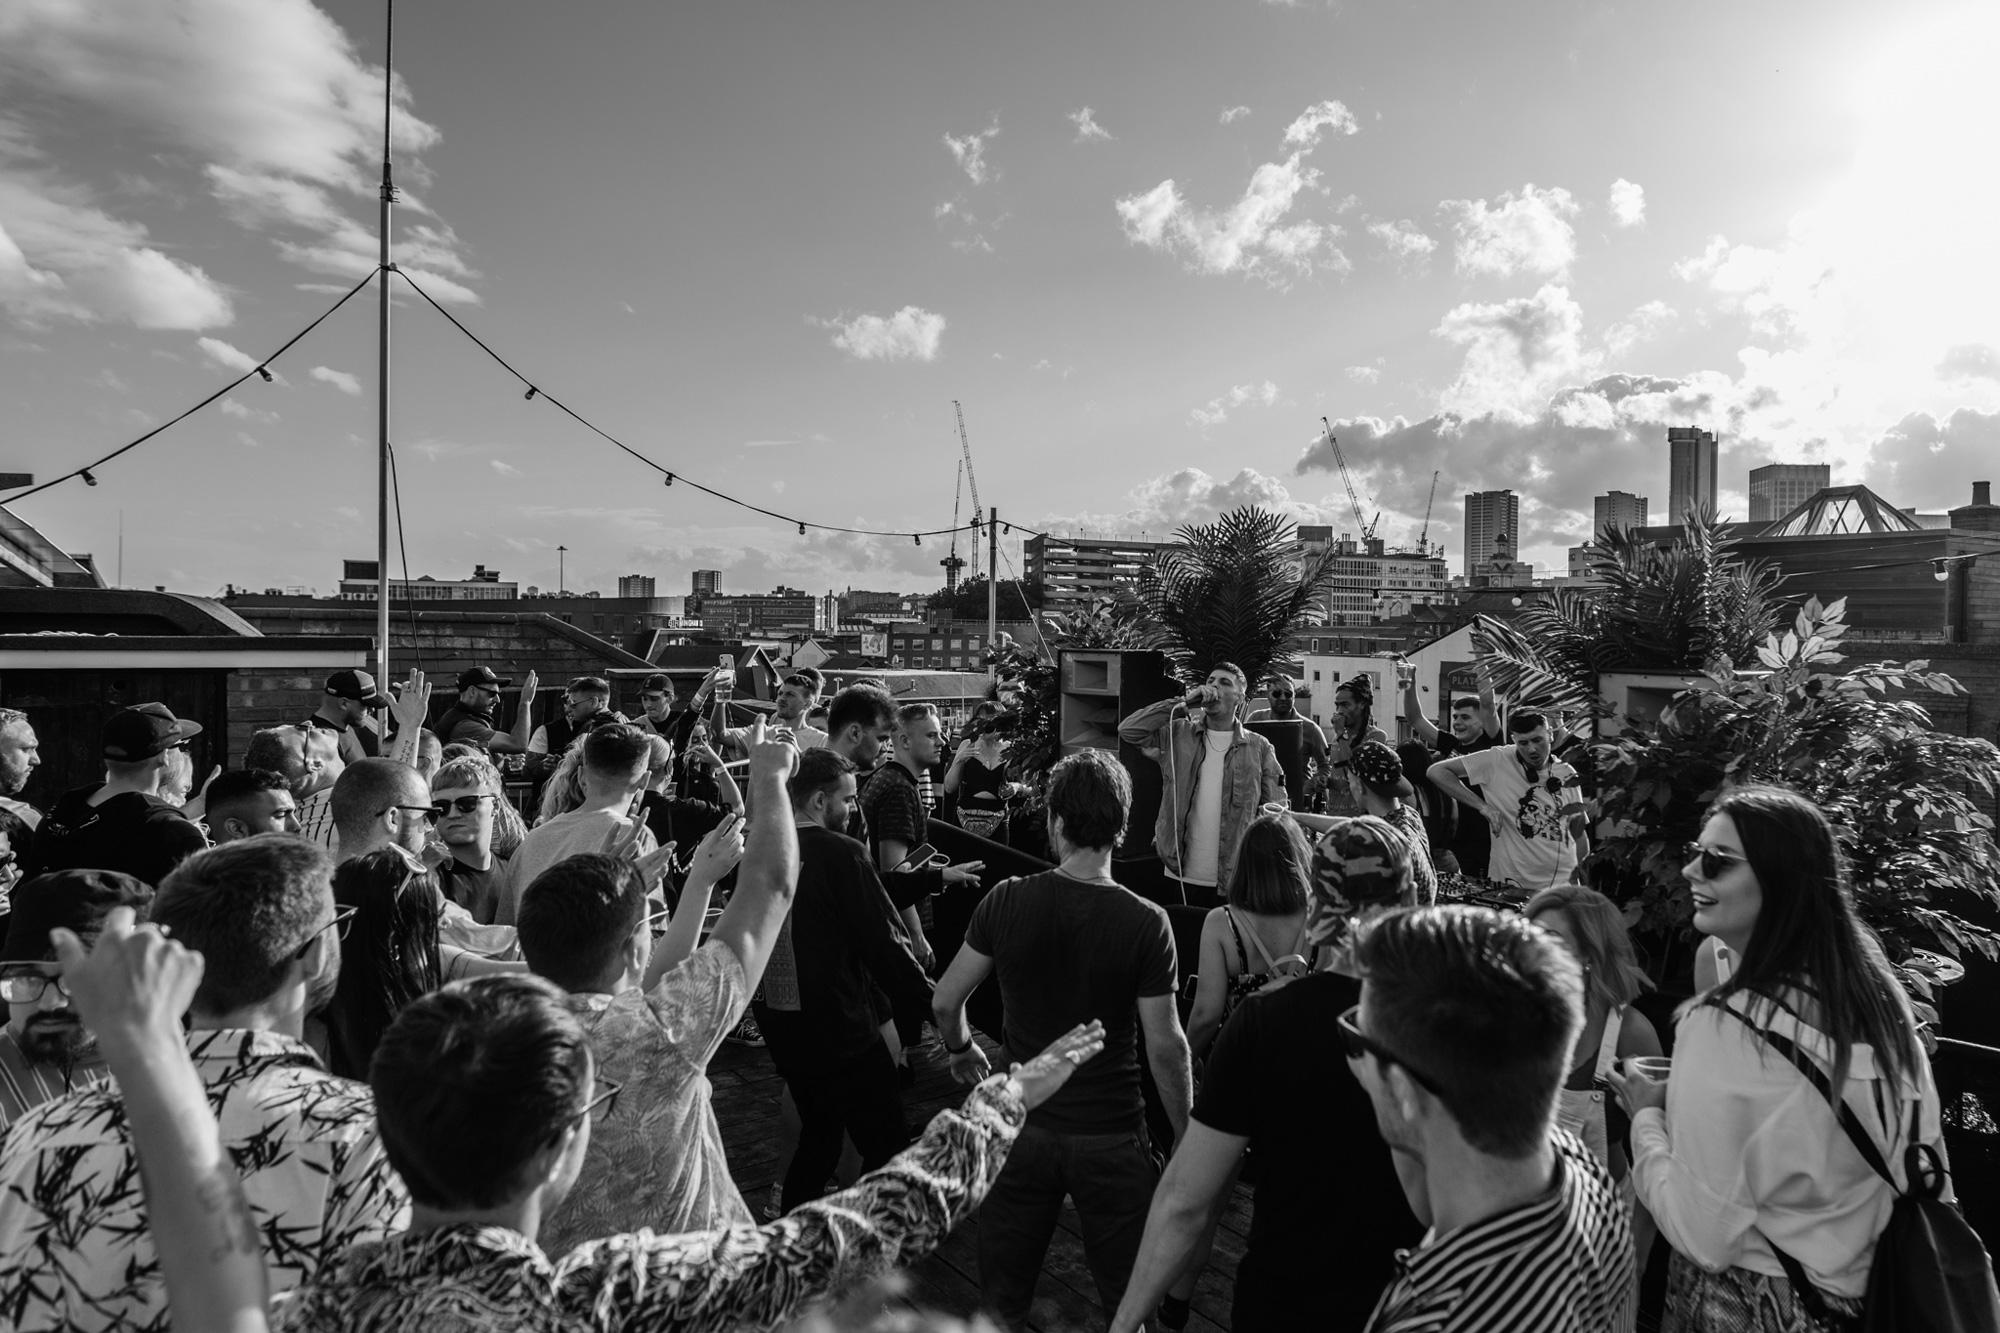 Rooftop Crowd Shot